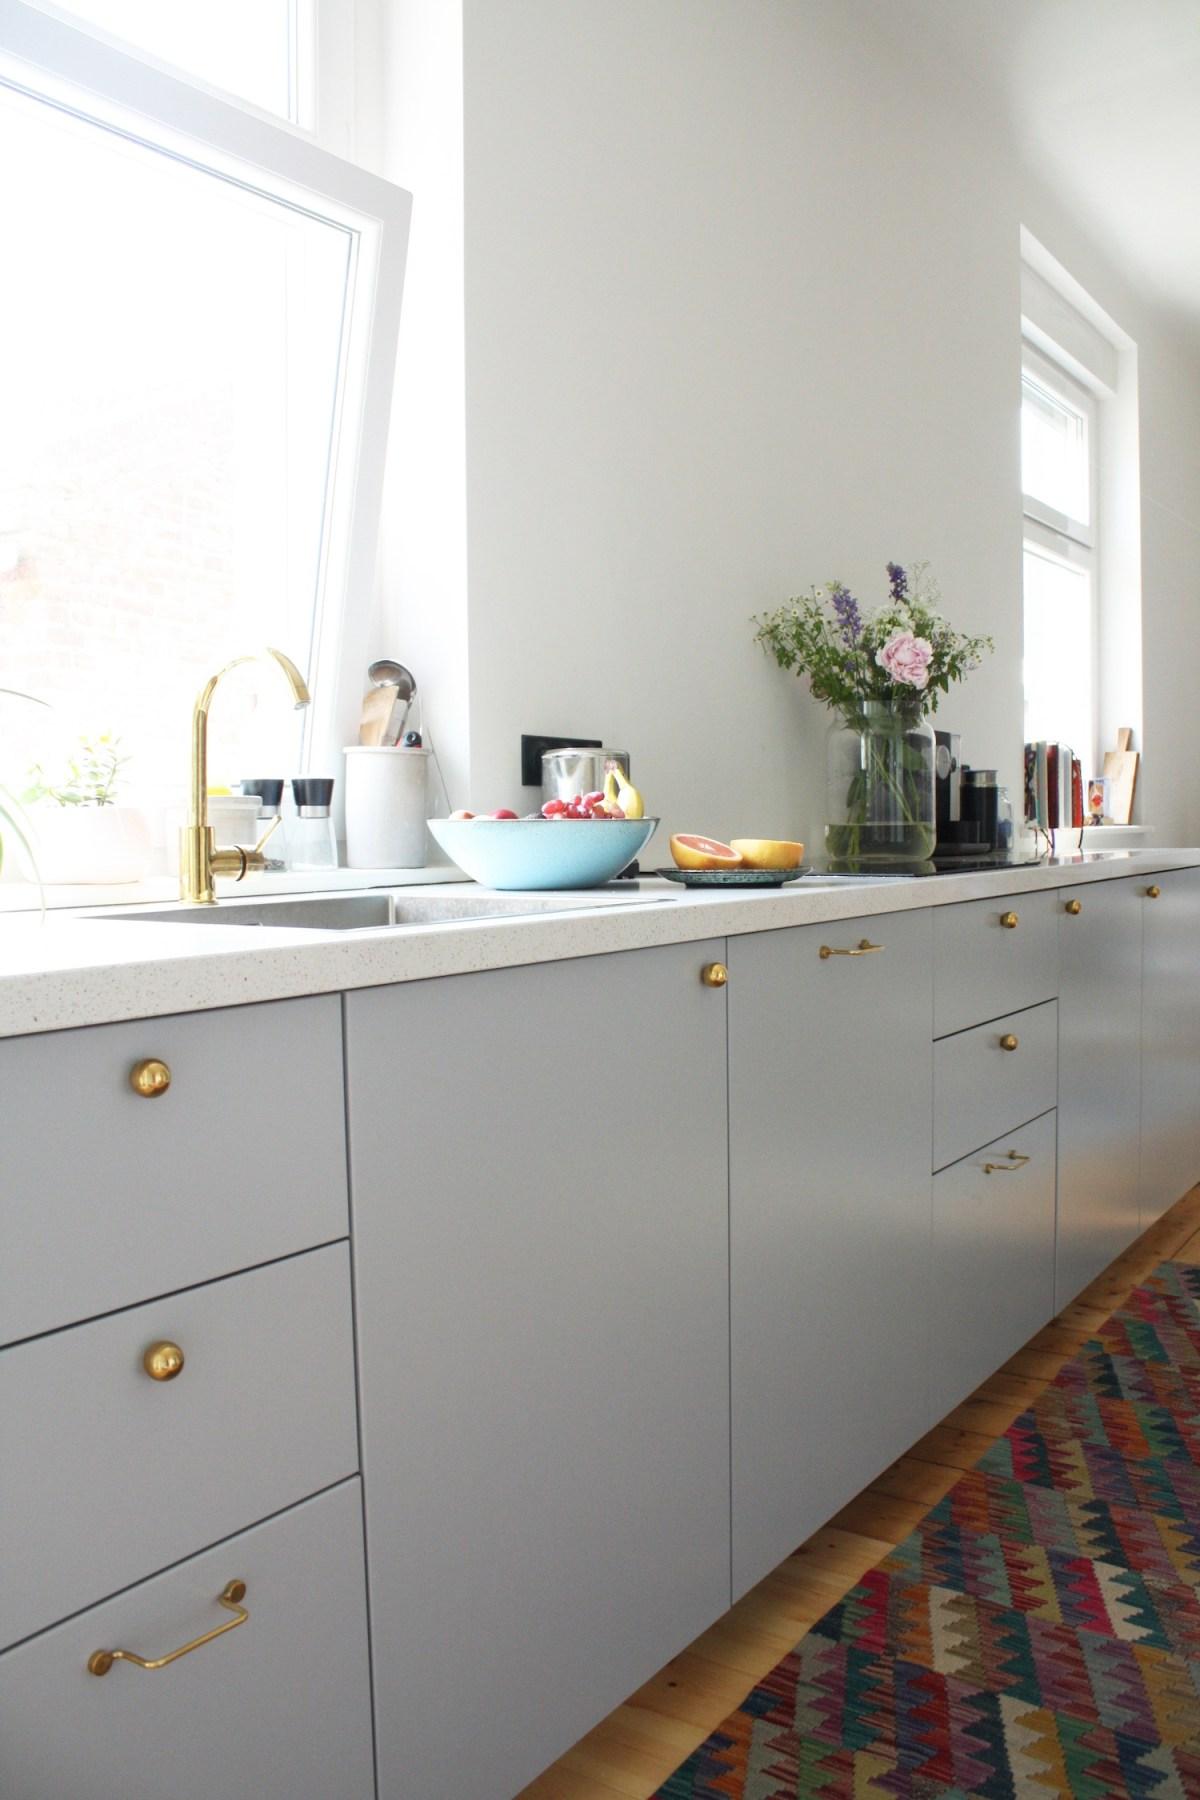 kungsbacka kuchen. Black Bedroom Furniture Sets. Home Design Ideas